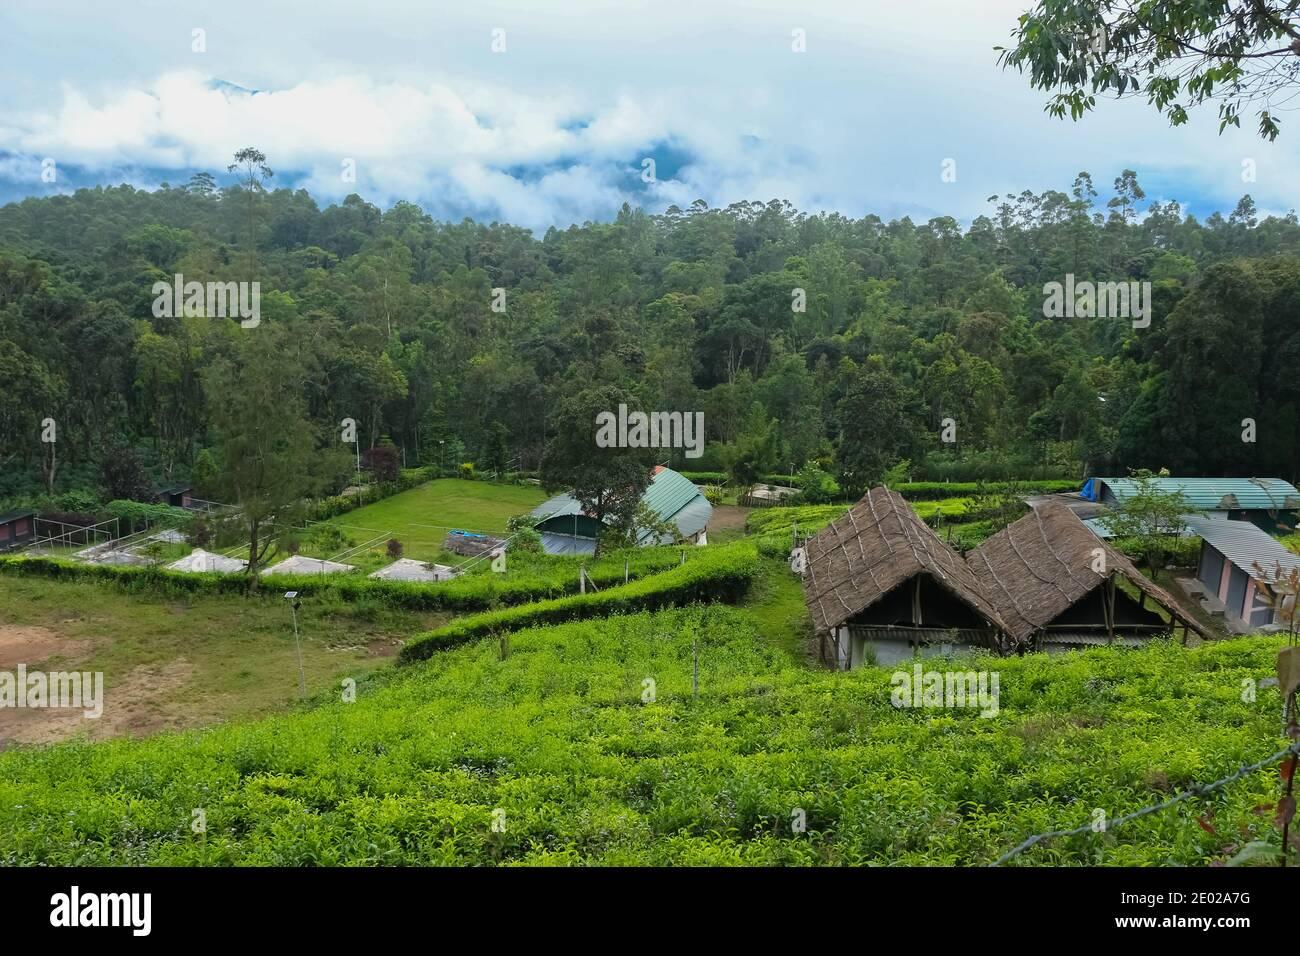 Hermosa casa de estancia Villa situado en el centro de la plantación de té en Munnar, Kerala, India. Turismo de estancia en casa. Foto de stock